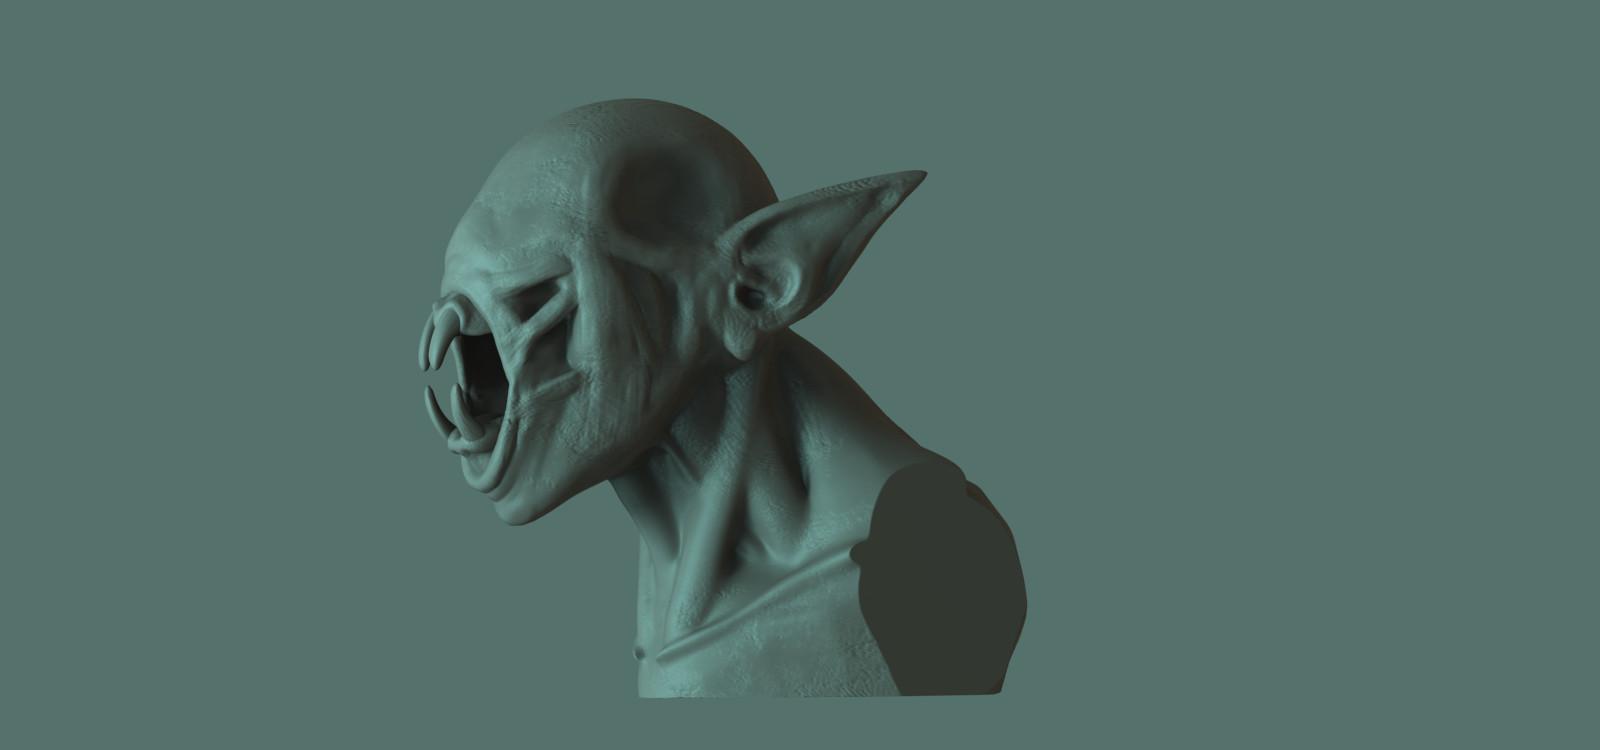 Oscar trejo vampire clay